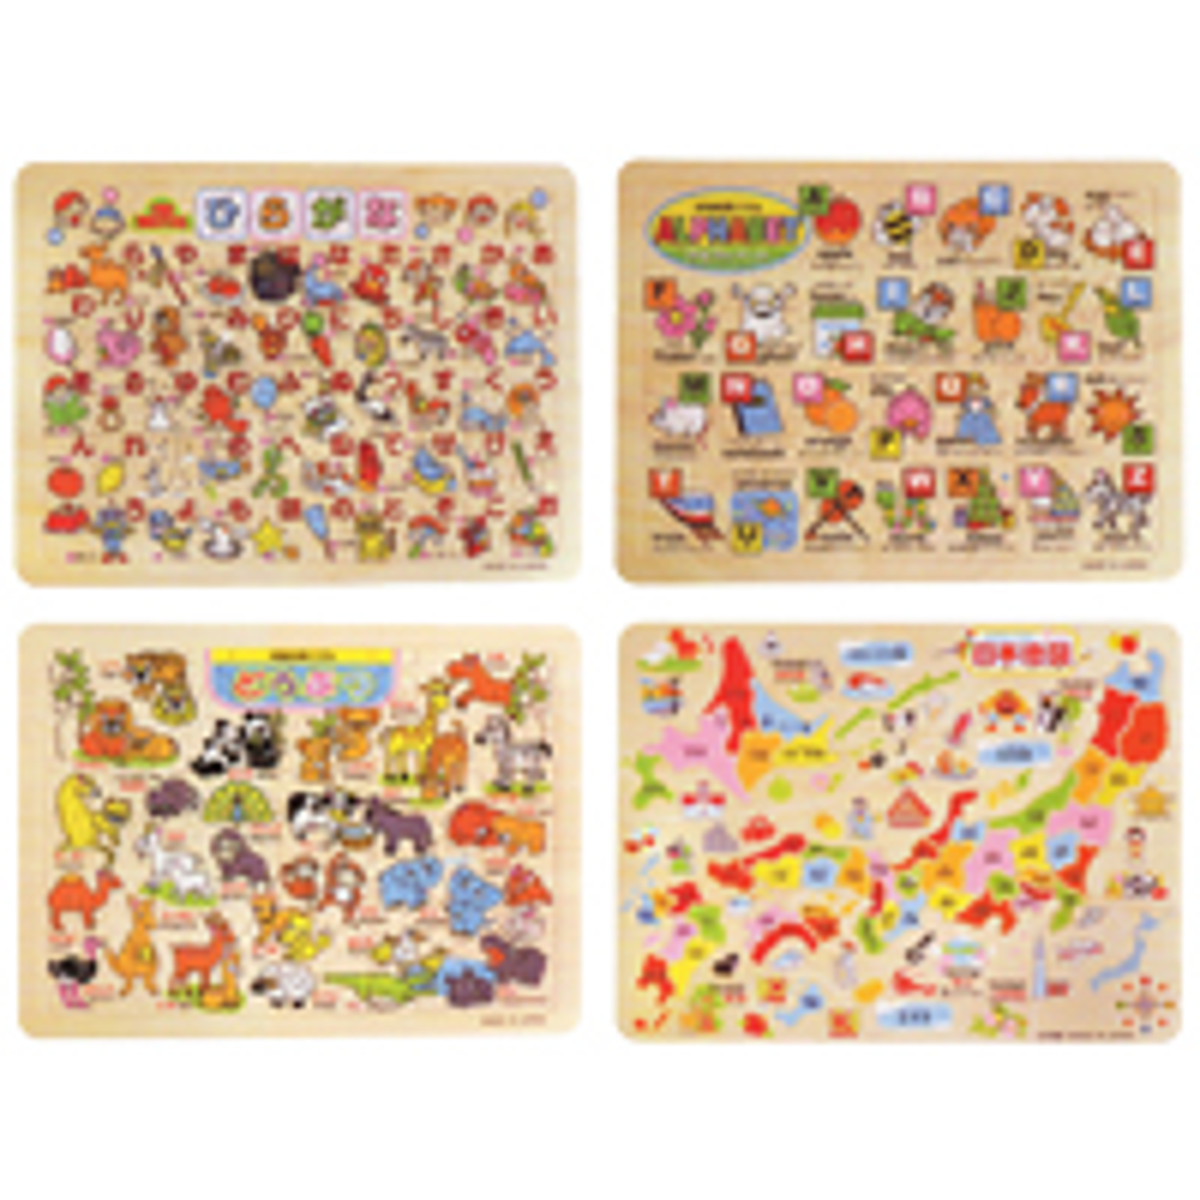 木製知育パズル 6歳以上 ひらがな どうぶつ アルファベット 日本地図 小学生 社会 知育 パズル 玩具 木 木製 日本製 子供 デビカ